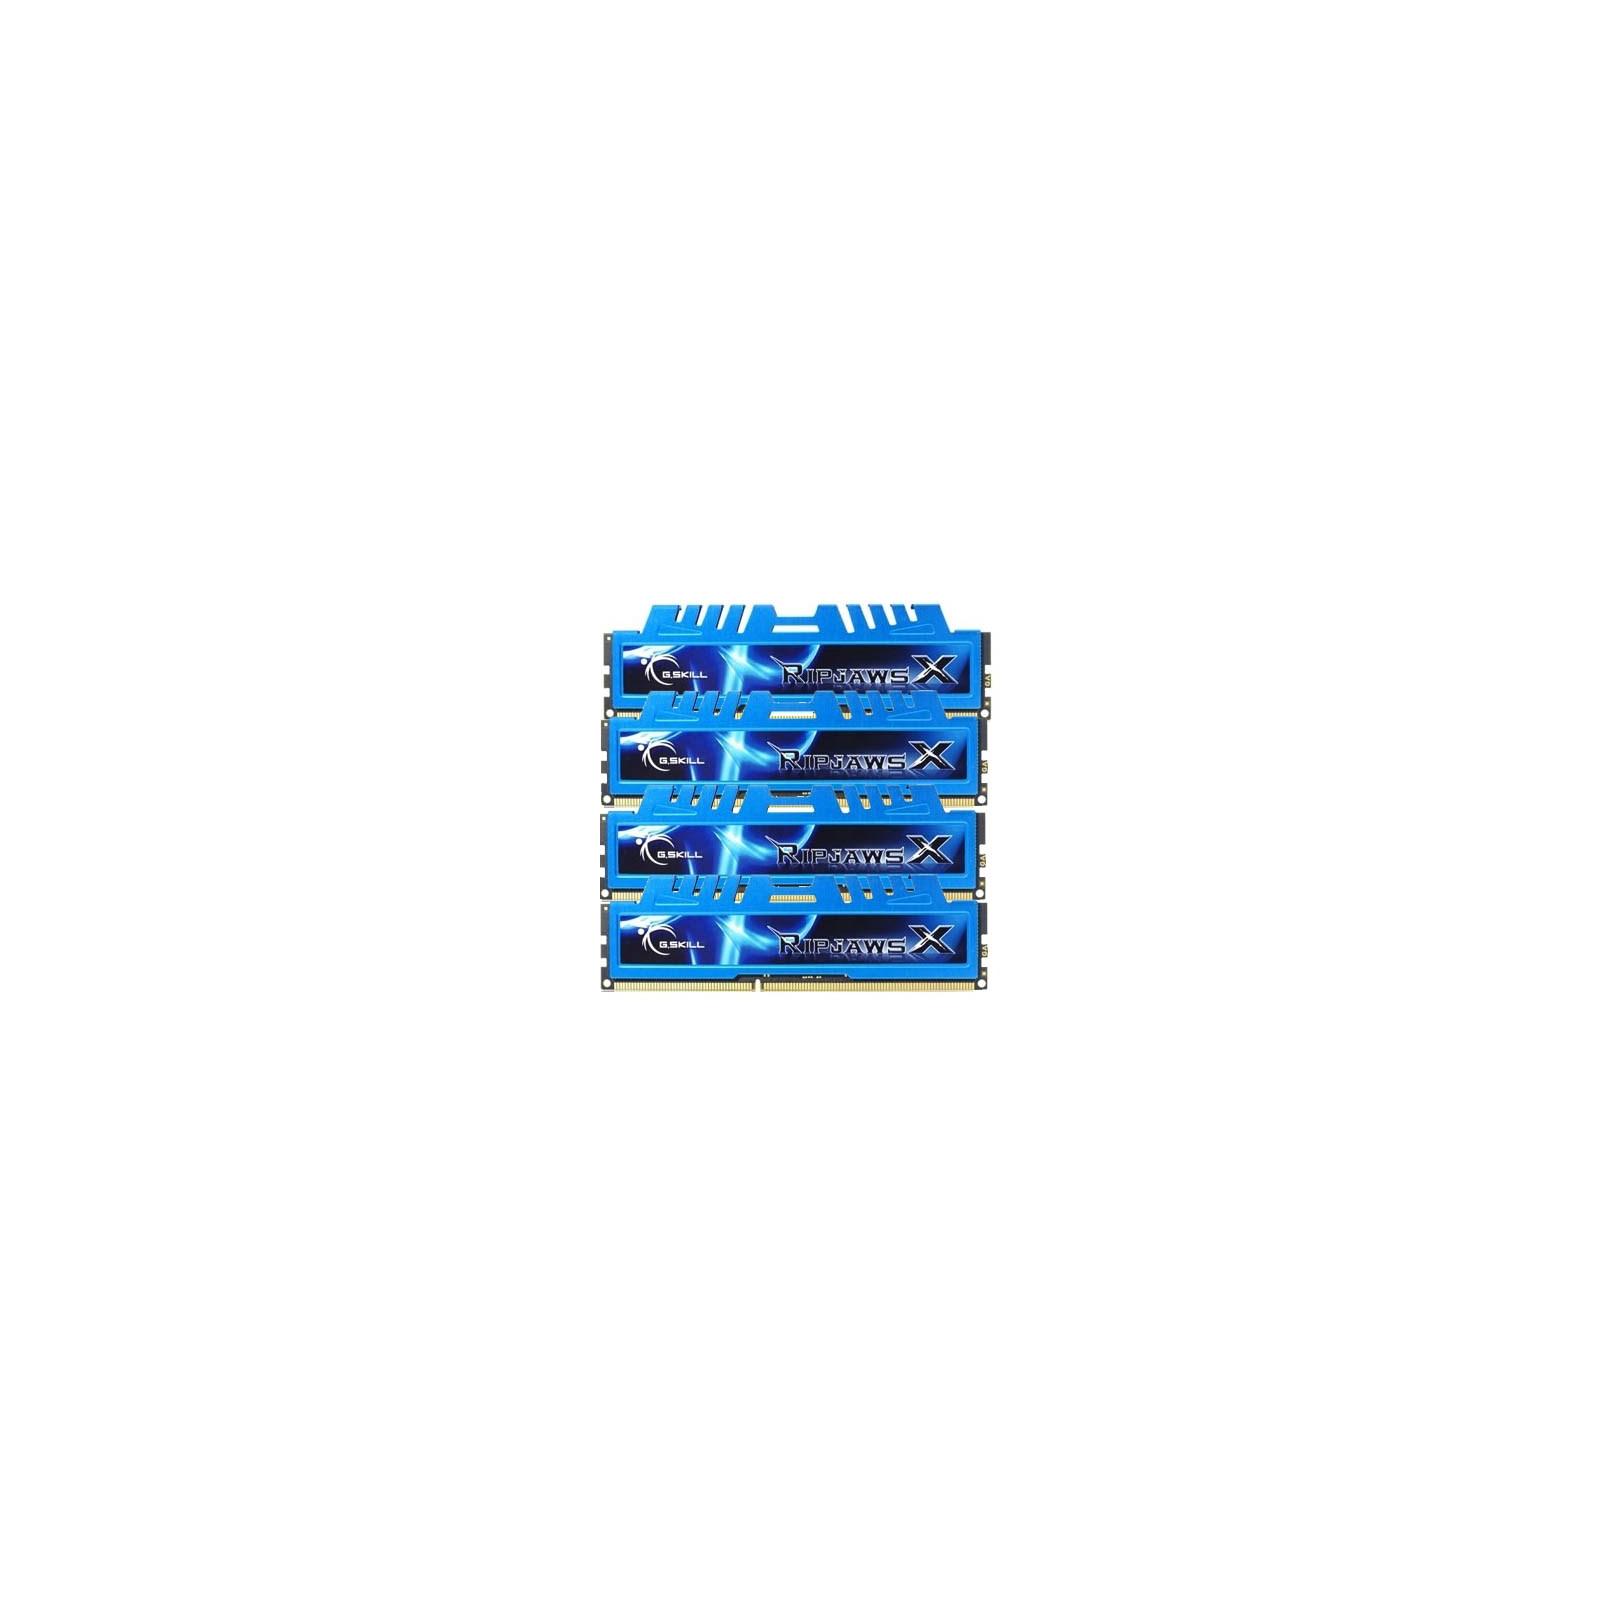 Модуль памяти для компьютера DDR3 16GB (4x4GB) 2133 MHz G.Skill (F3-17000CL9Q-16GBXM) изображение 2